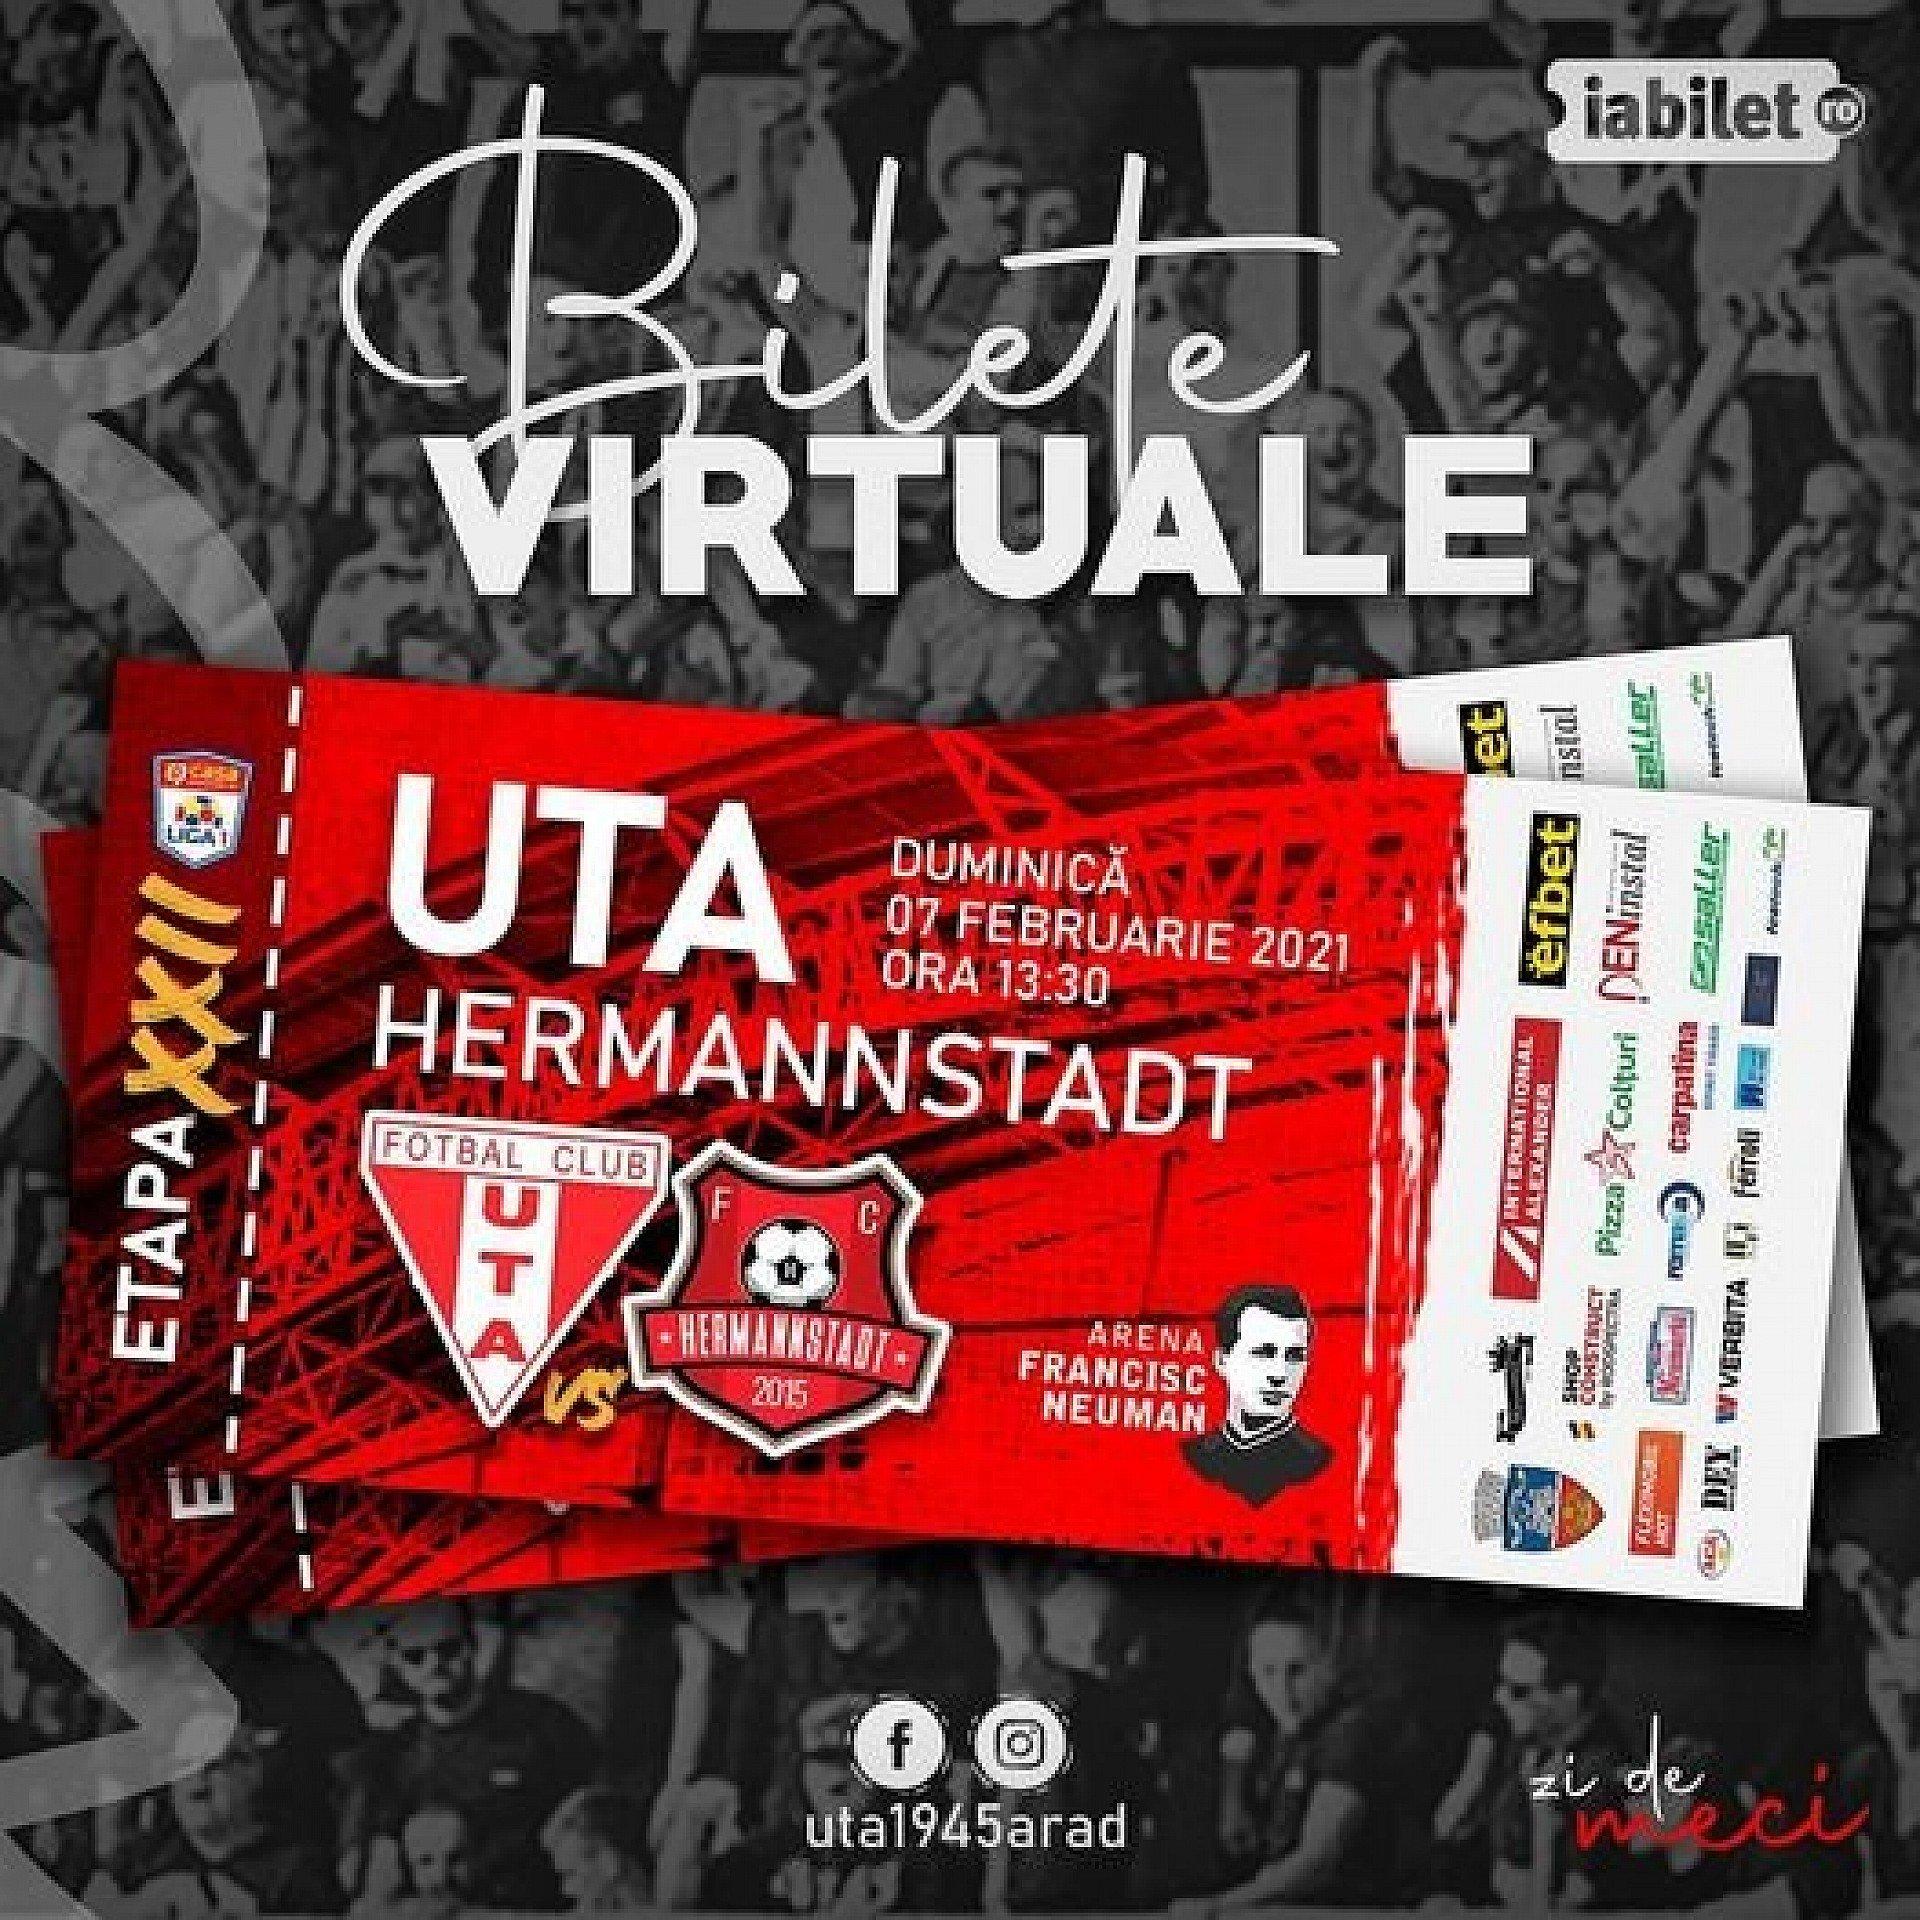 Imagine Bilete virtuale pentru meciul UTA - Hermannstadt!